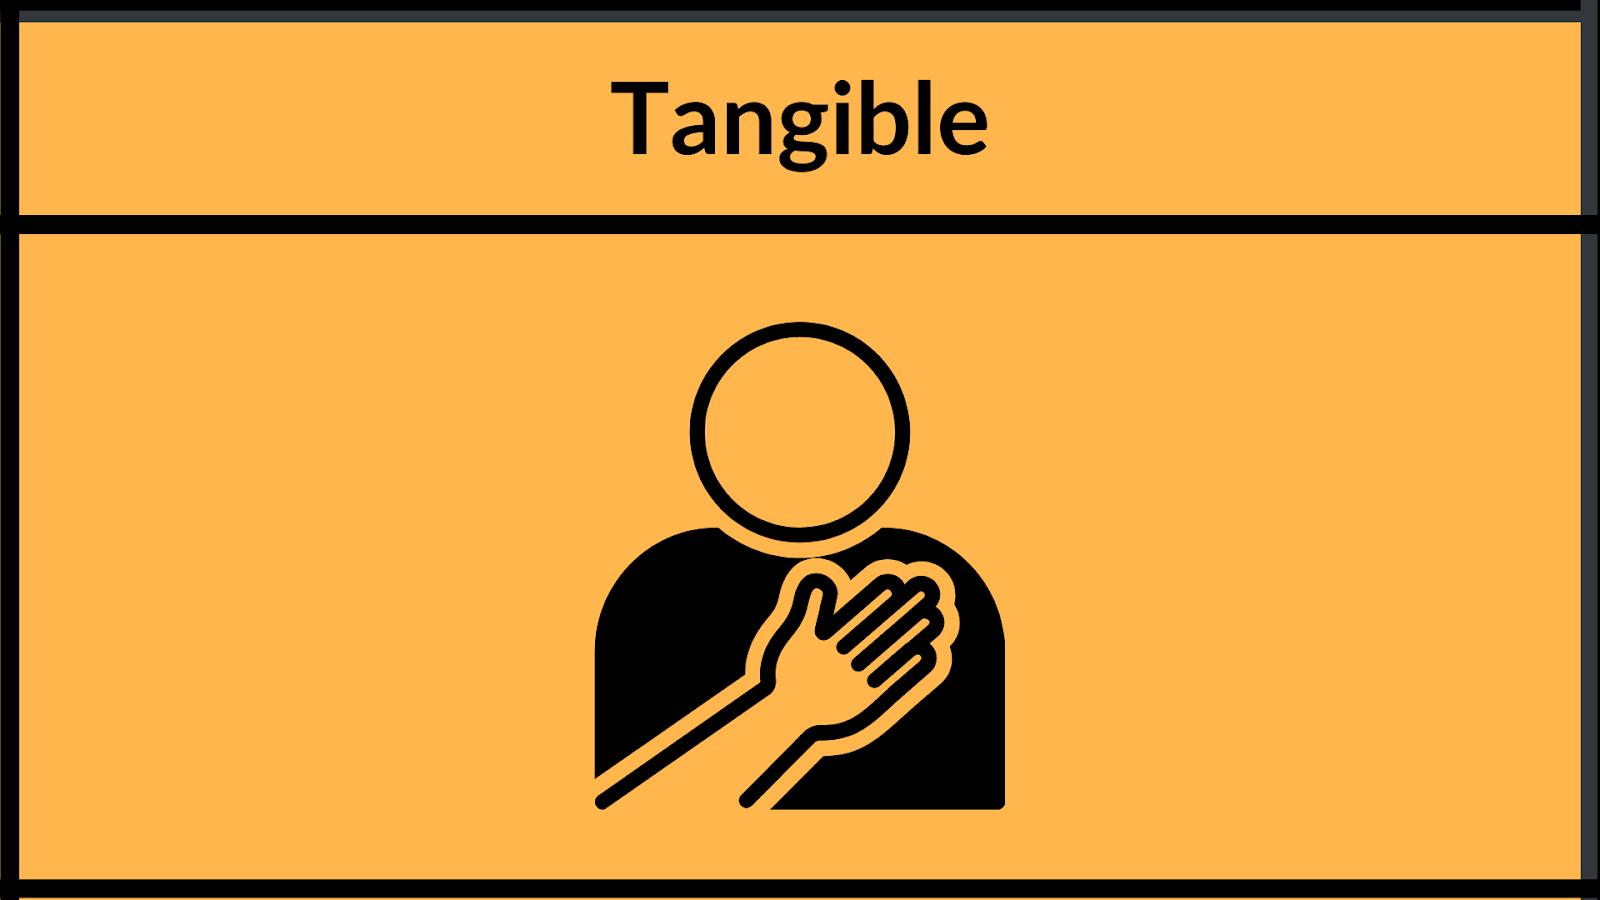 Neuromarketing stimuli; tangible